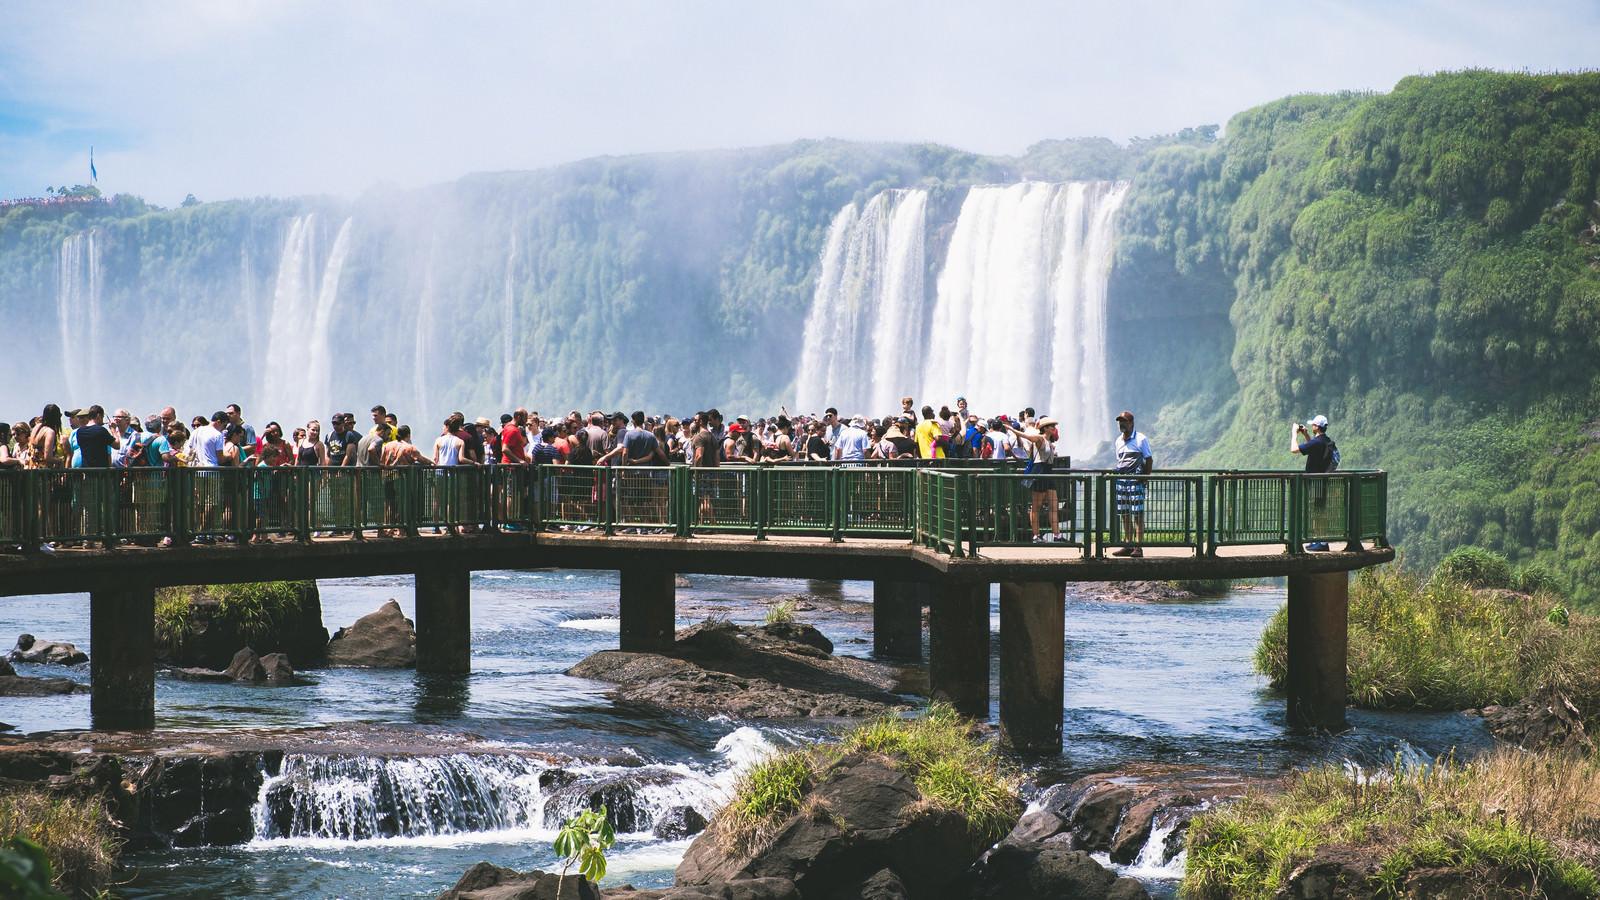 「イグアスの滝の水しぶきと観光客(南米大陸)」の写真